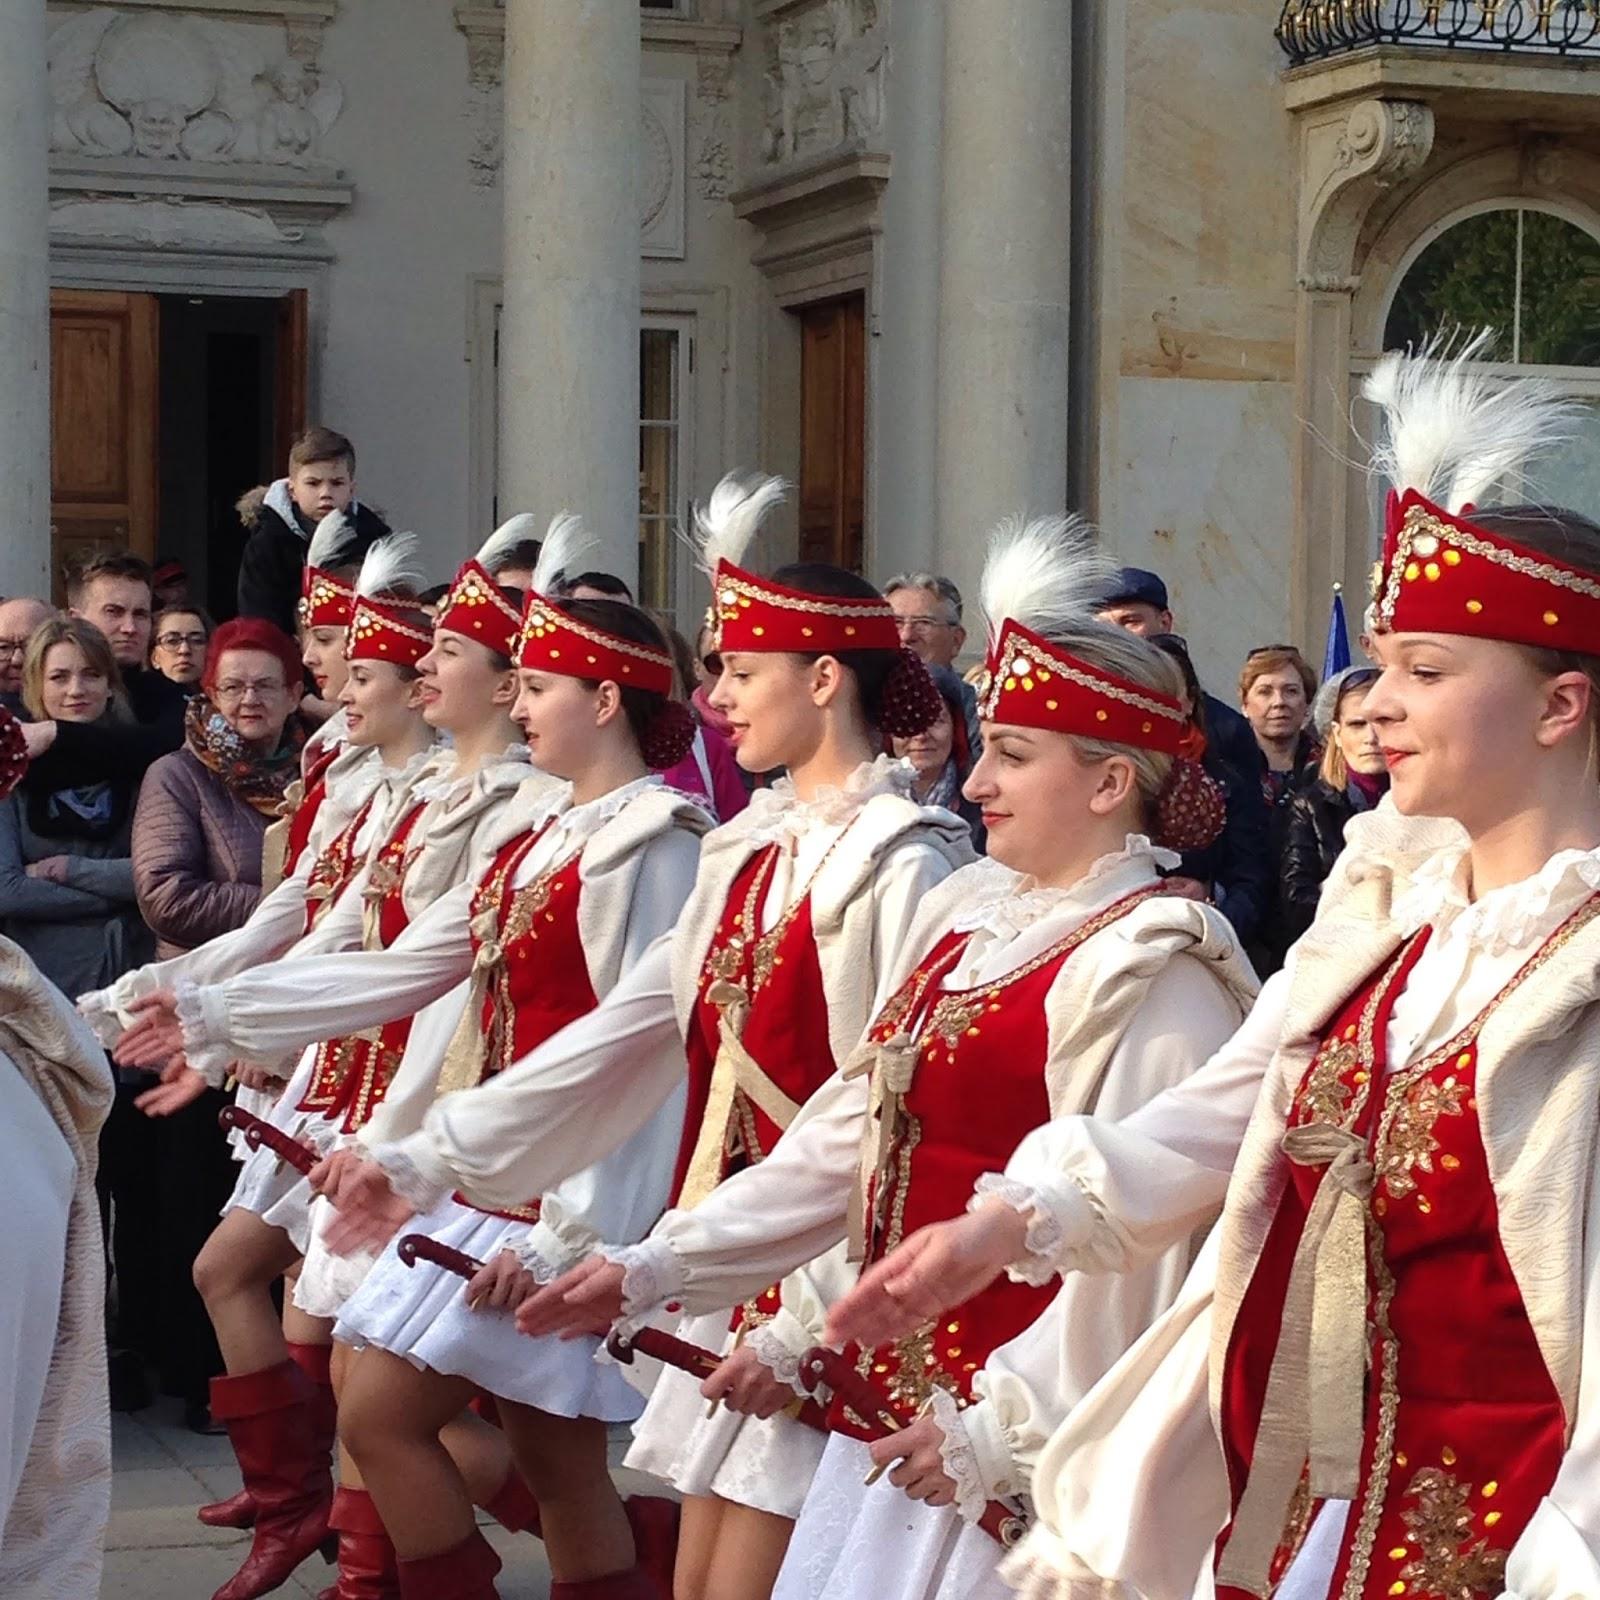 Tance ludowe Łazienki Królewskie 2016